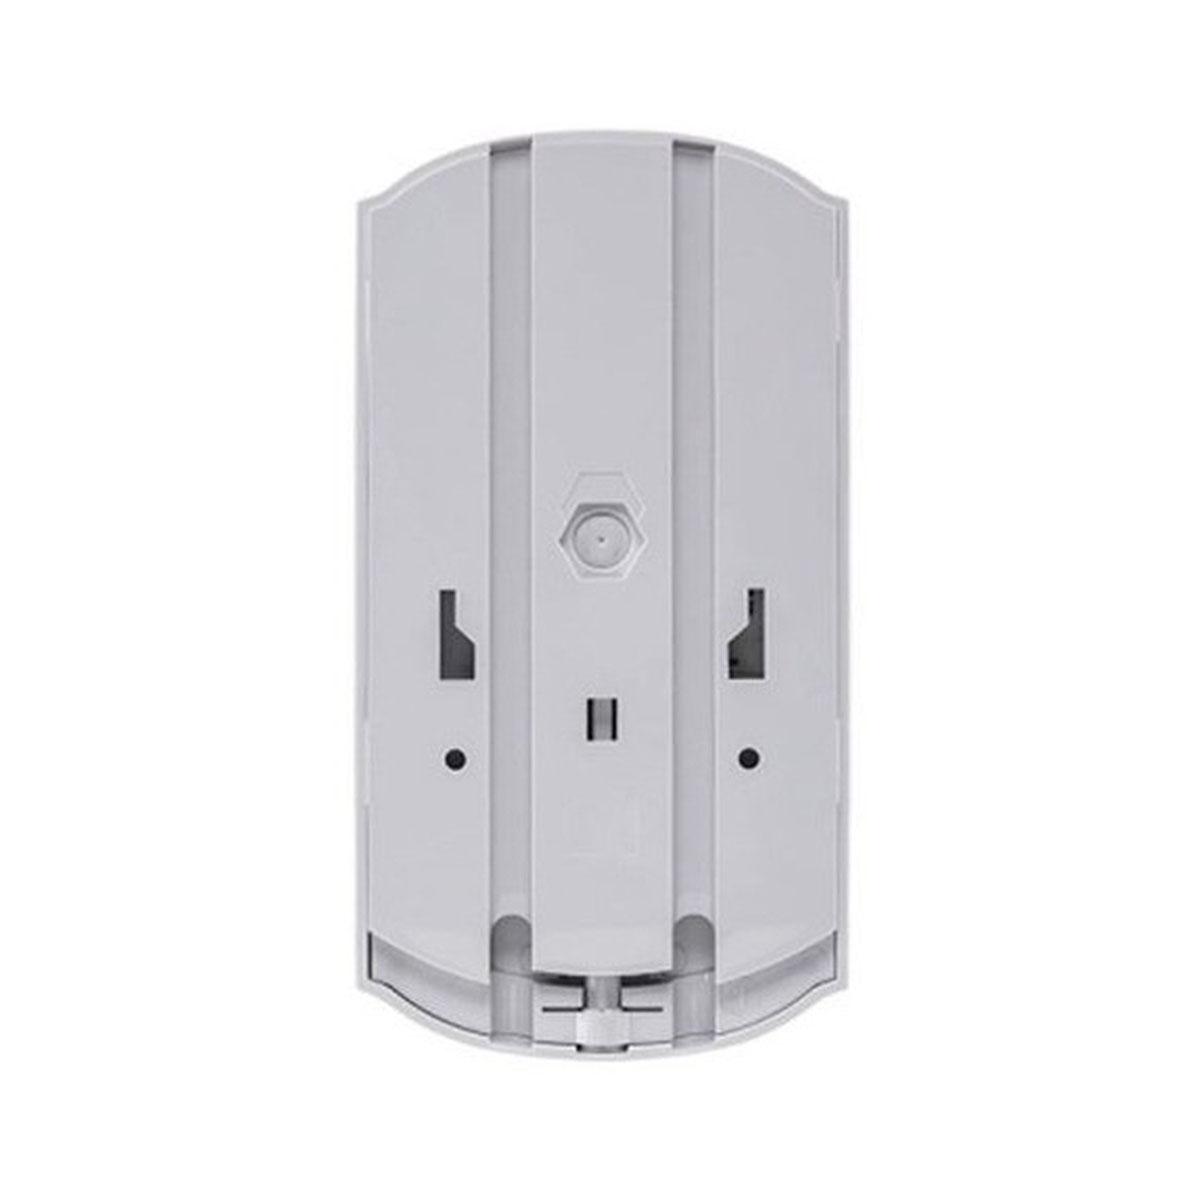 Kit 09 Sensor Externo Com Fio Intelbras Ivp 7001 Mw Ex